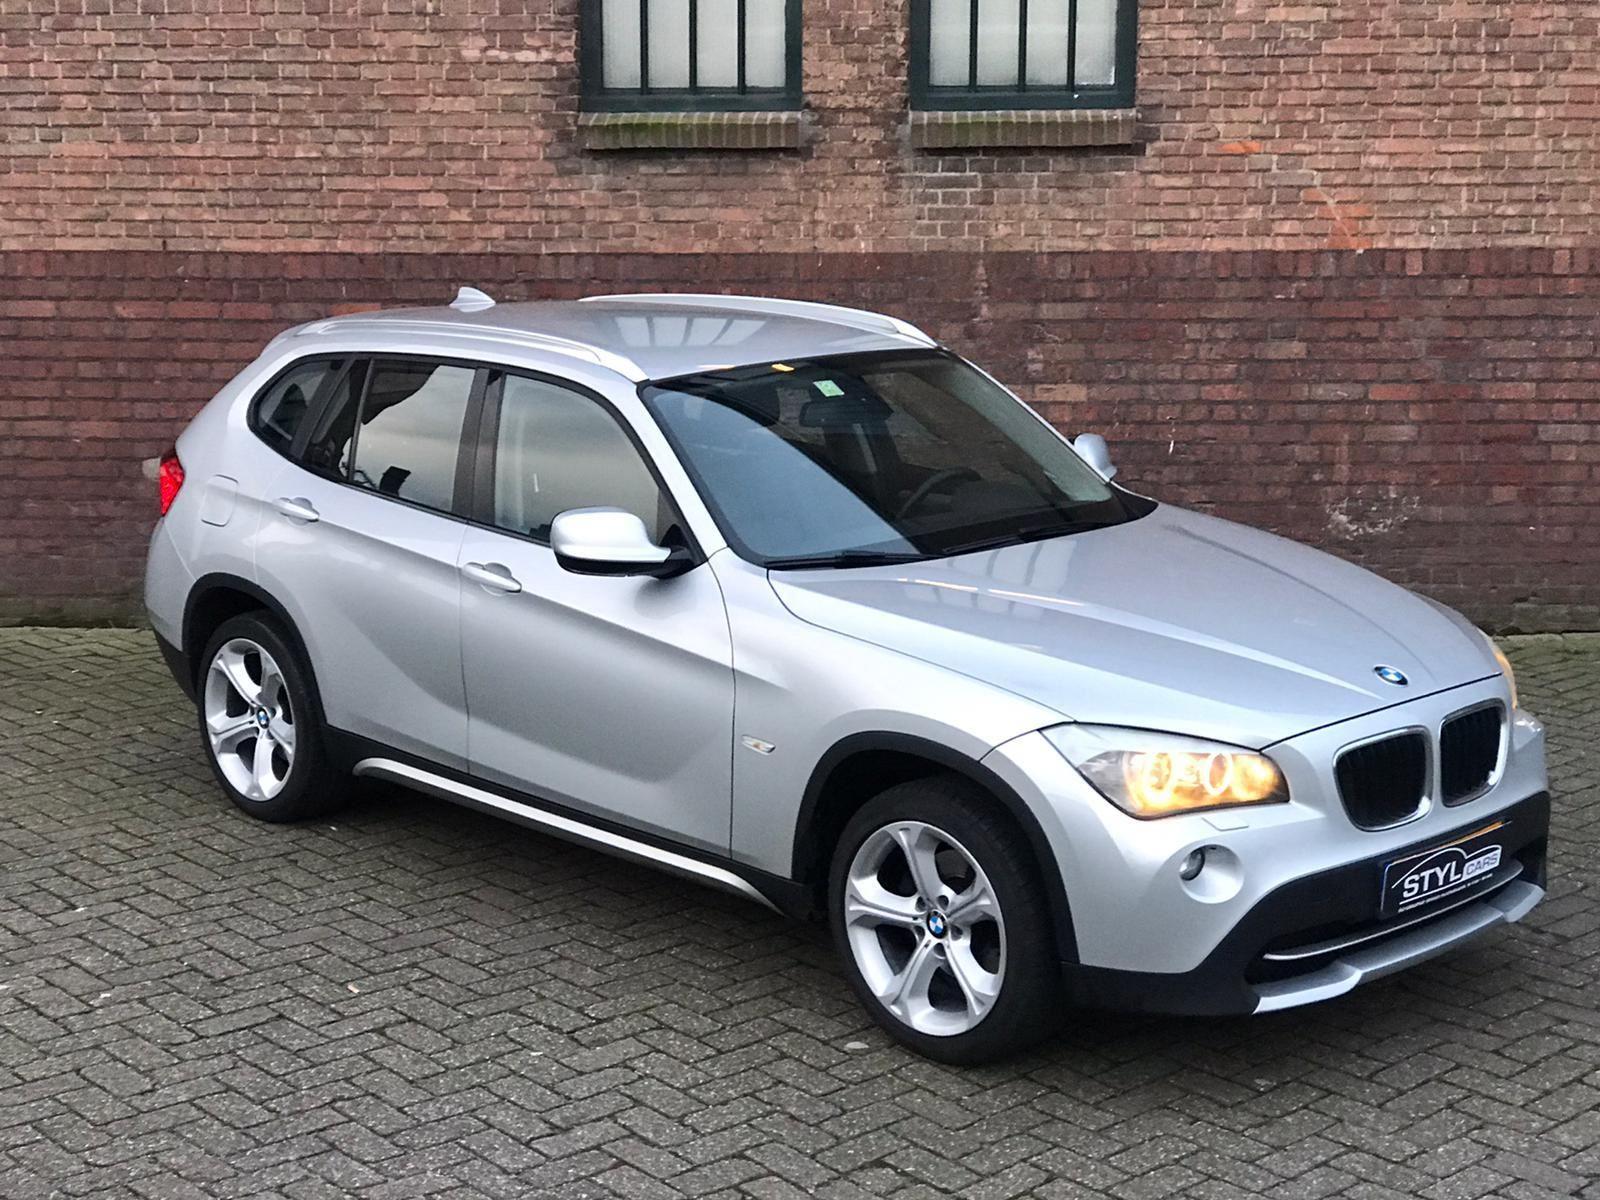 BMW X1 occasion - Styl Cars